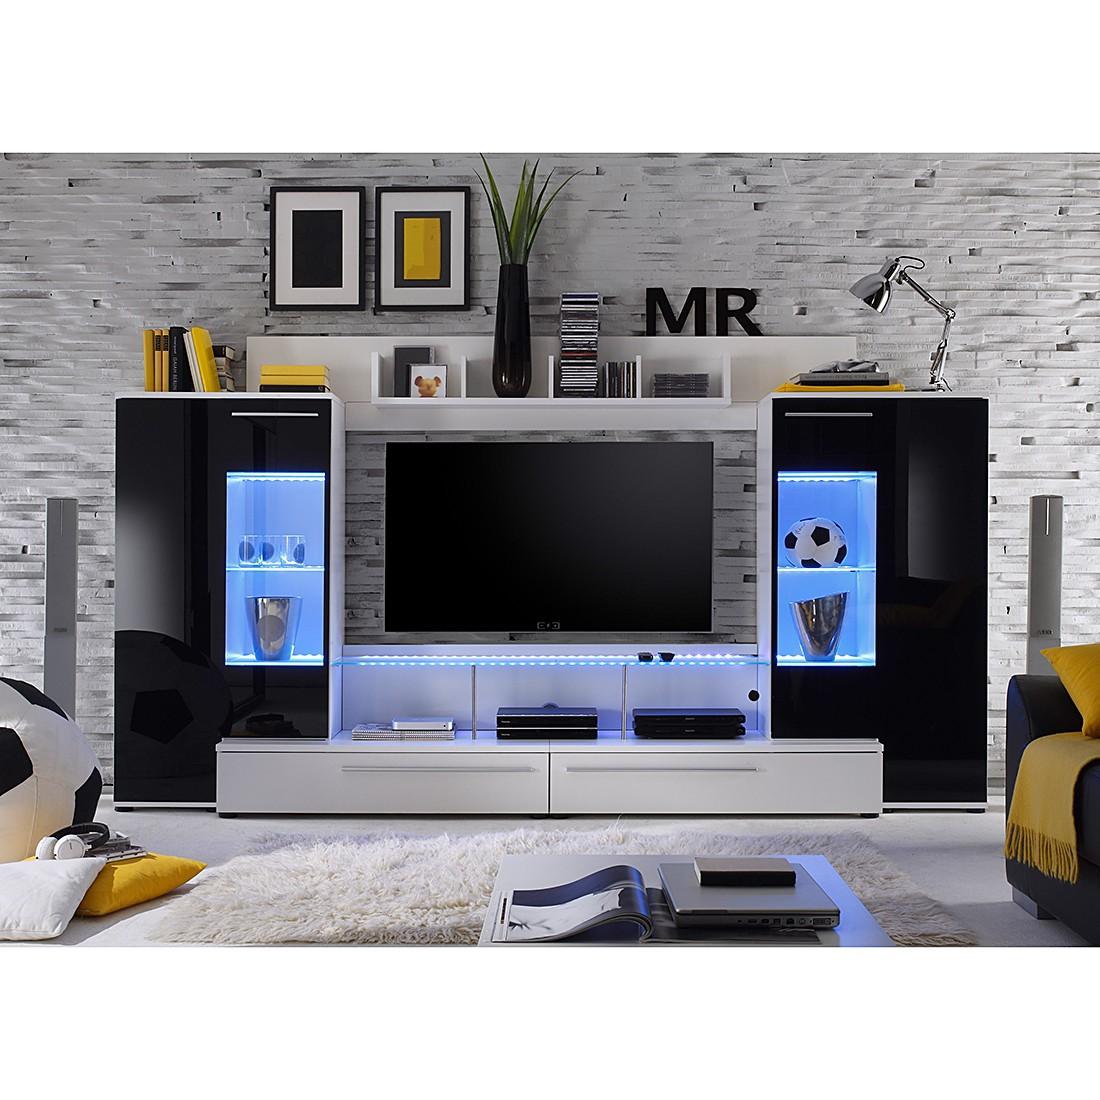 Wohnwand Vito (4-teilig) - Hochglanz Schwarz/Weiß, lackiert - ohne Bleuchtung, roomscape